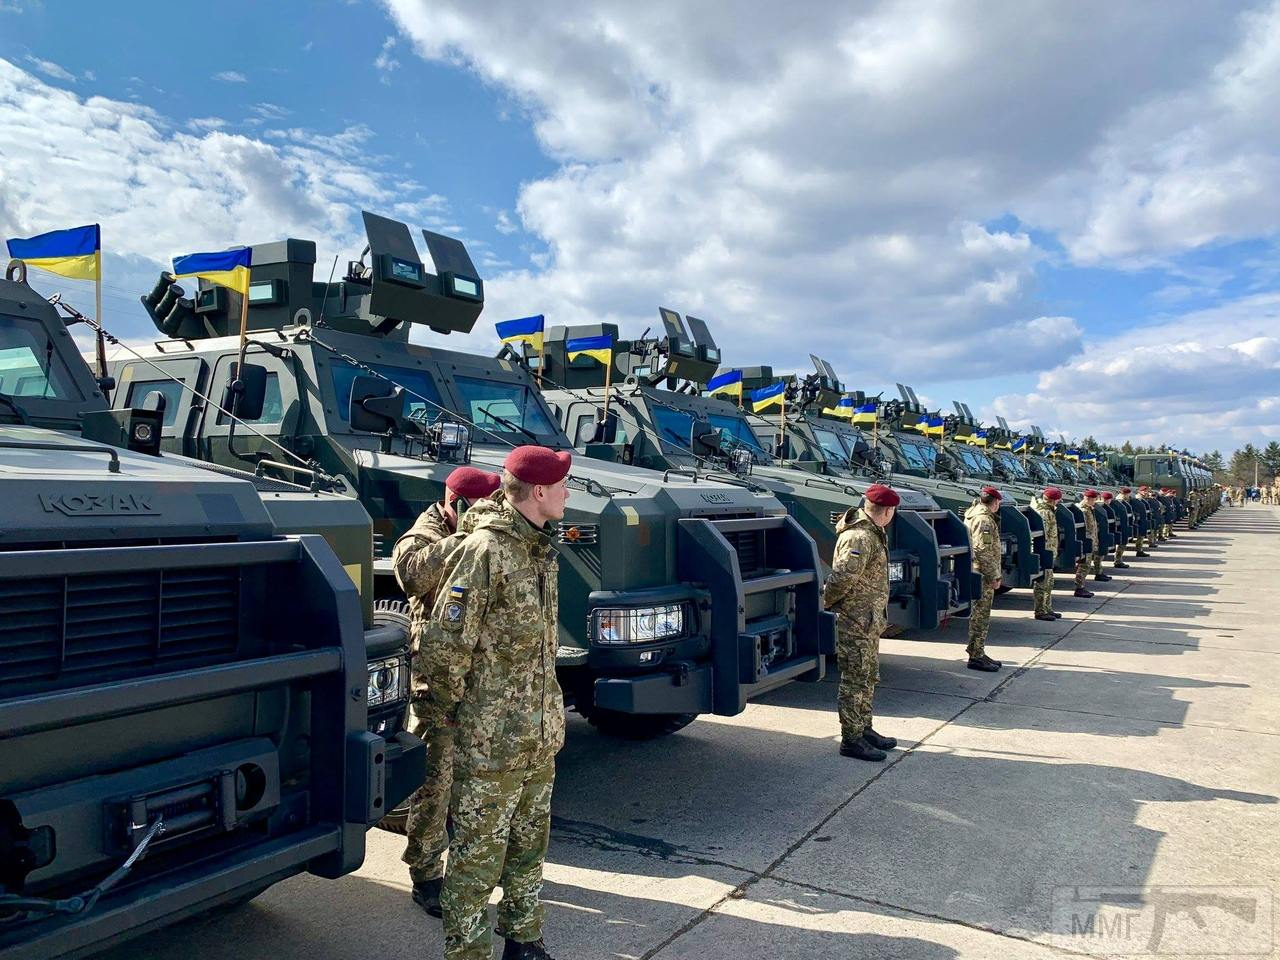 52249 - Реалії ЗС України: позитивні та негативні нюанси.